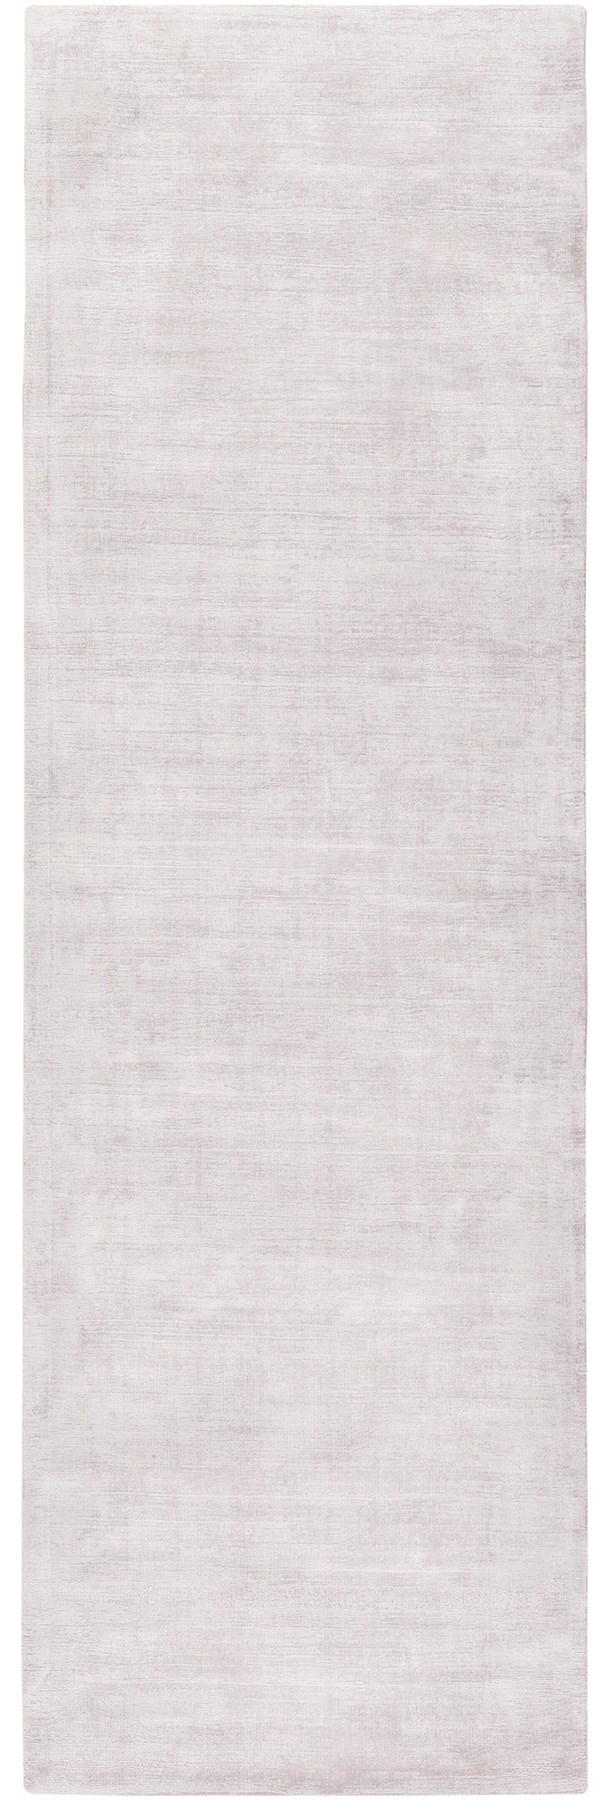 Medium Gray (VIO-2000) Casual Area Rug